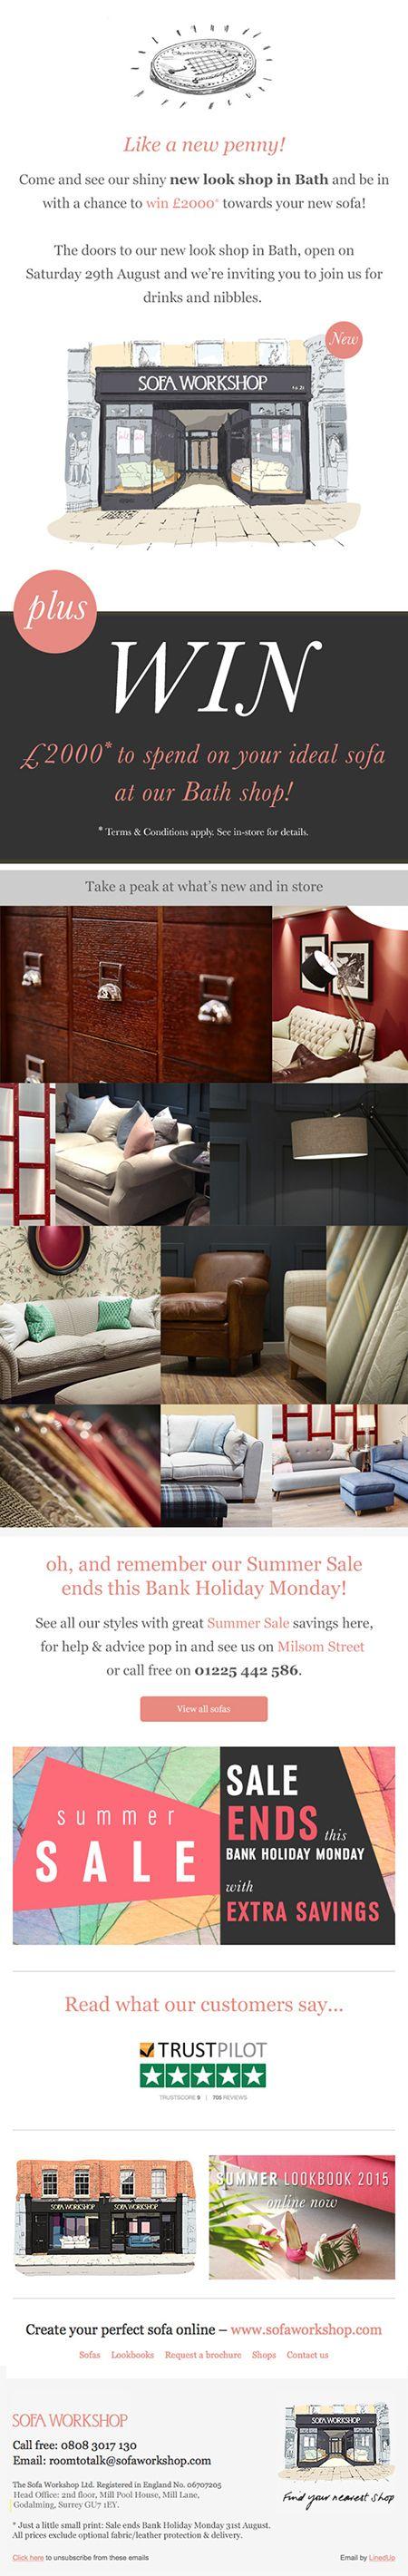 Sofa Workshop Easter Sale